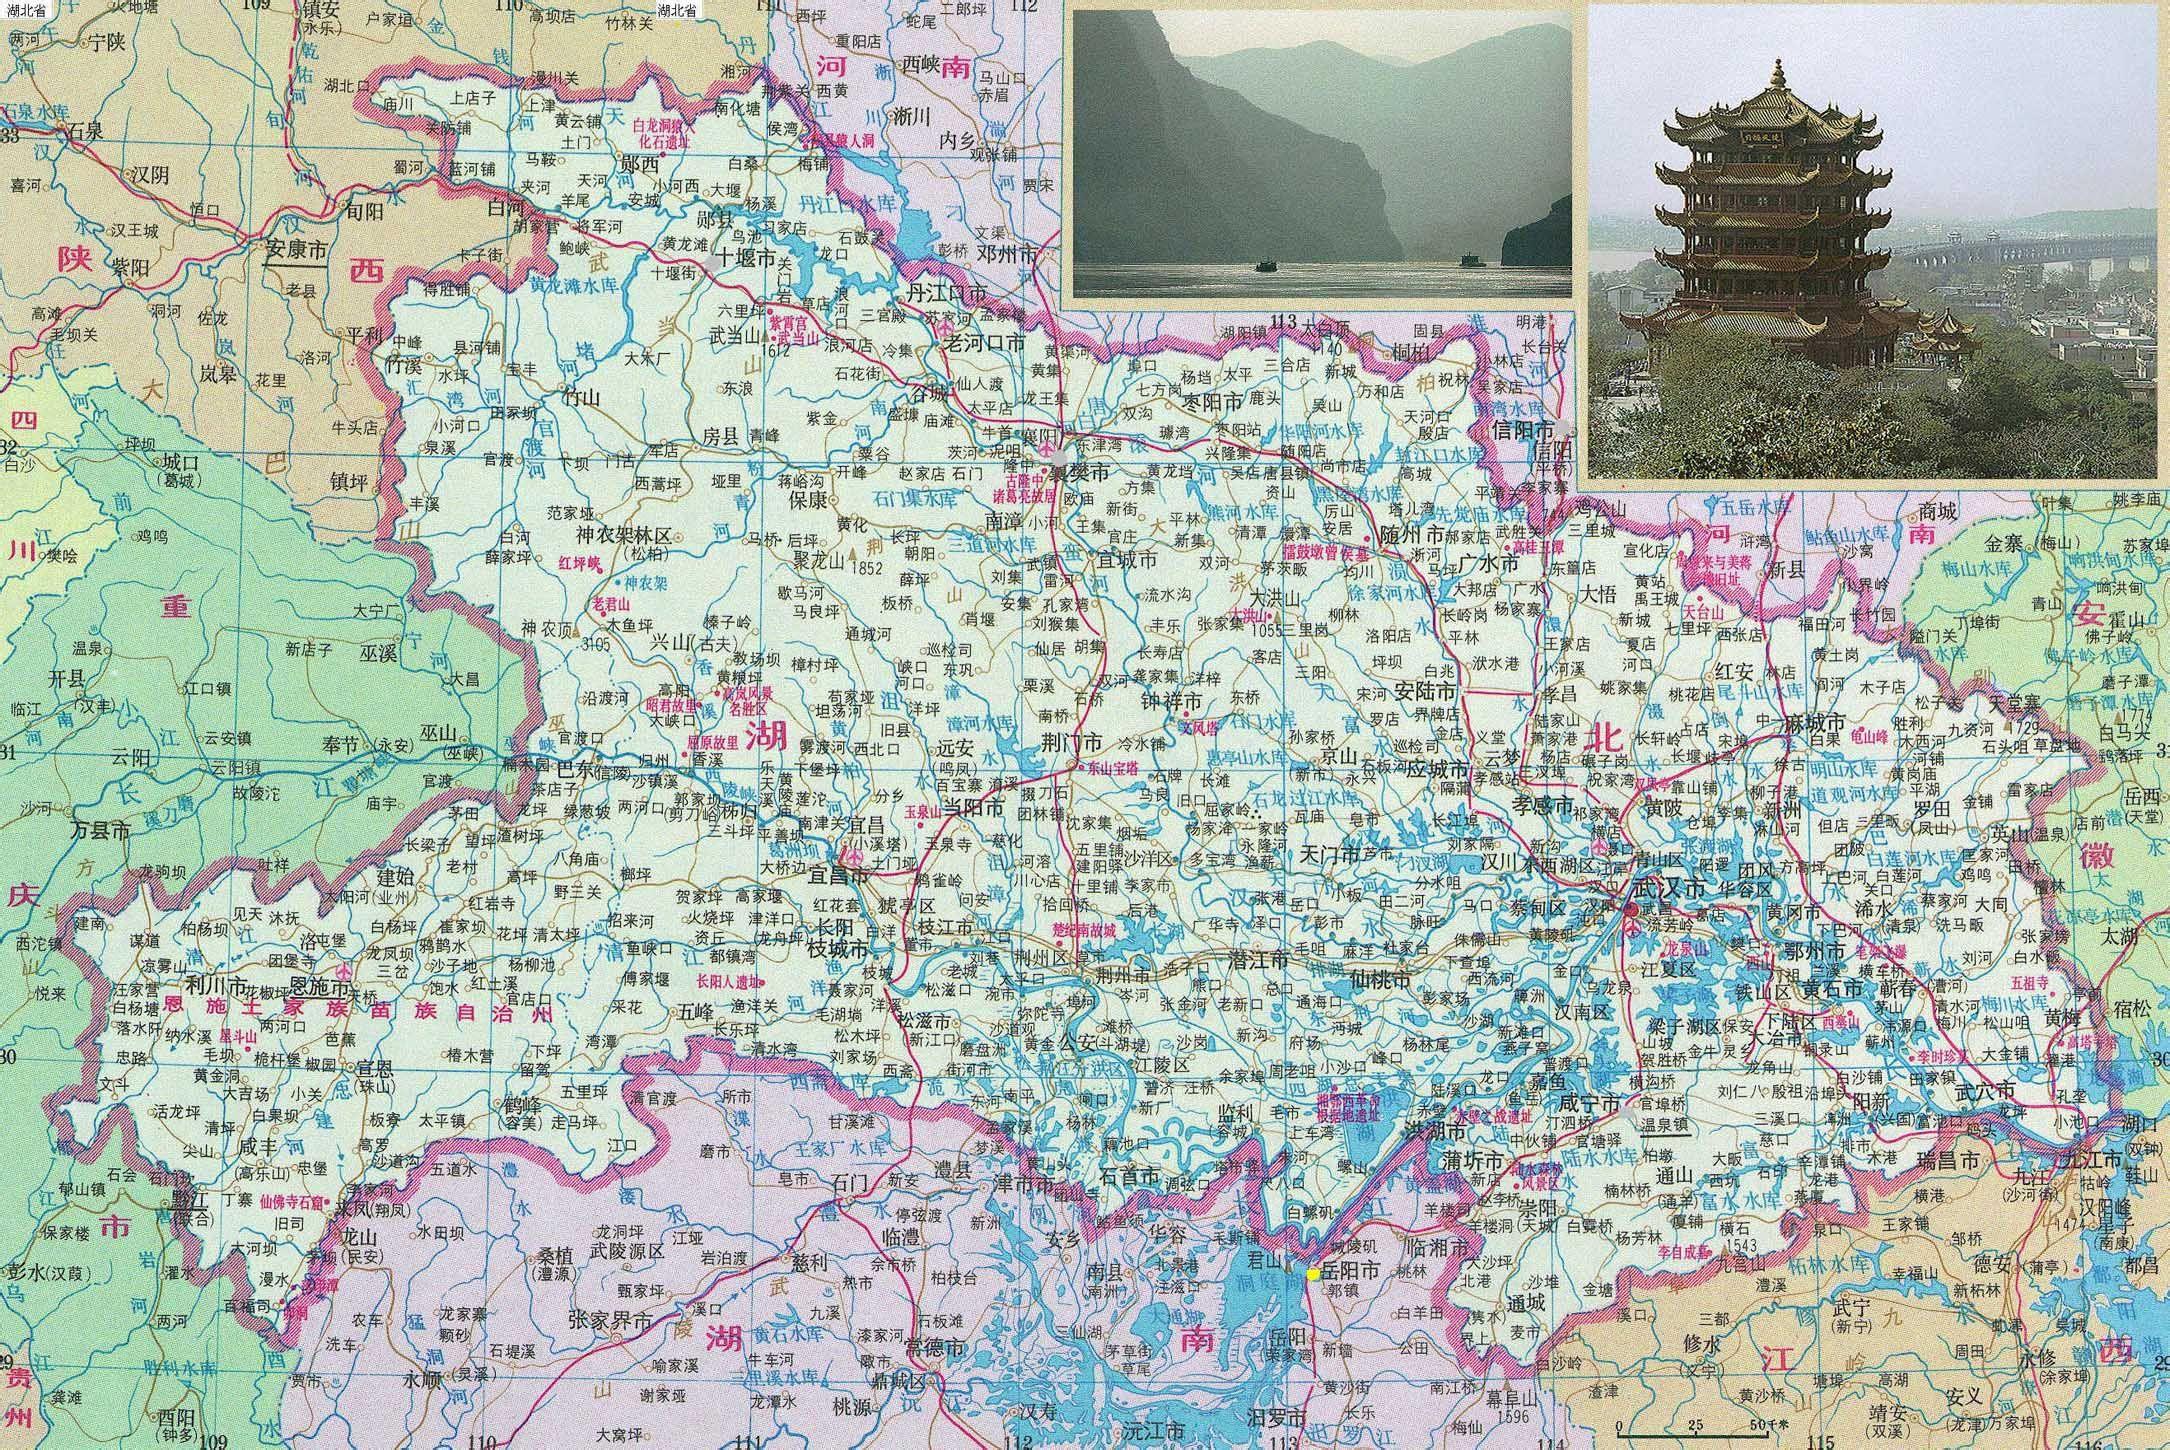 谁有湖北省行政区域划分地图详细到乡镇的!谢谢~!